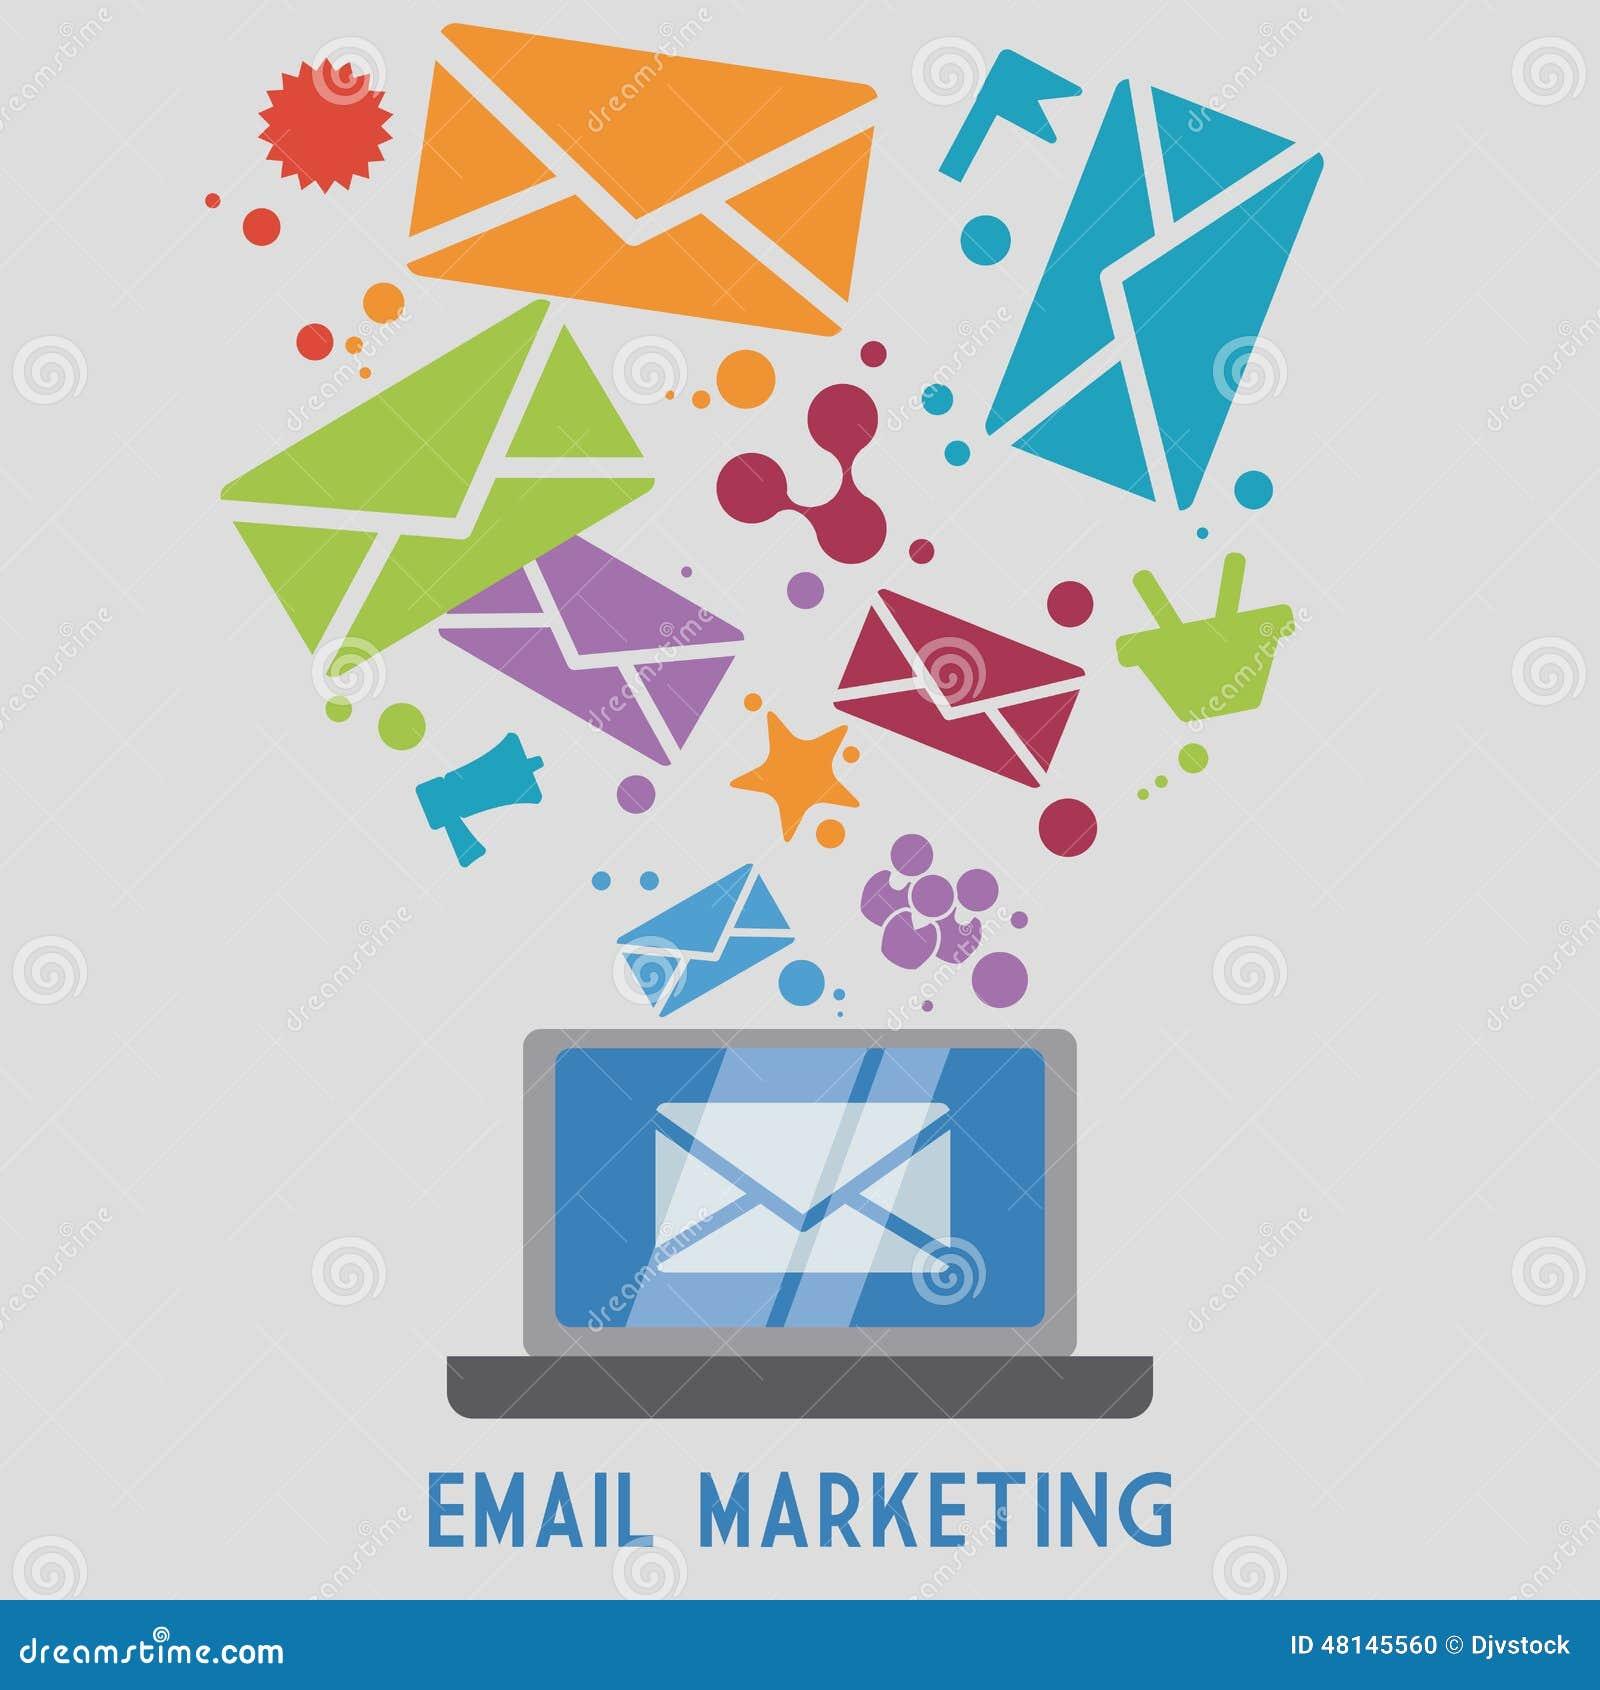 Διανυσματική απεικόνιση eps10 σχεδίου εικονιδίων ταχυδρομείου γραφική